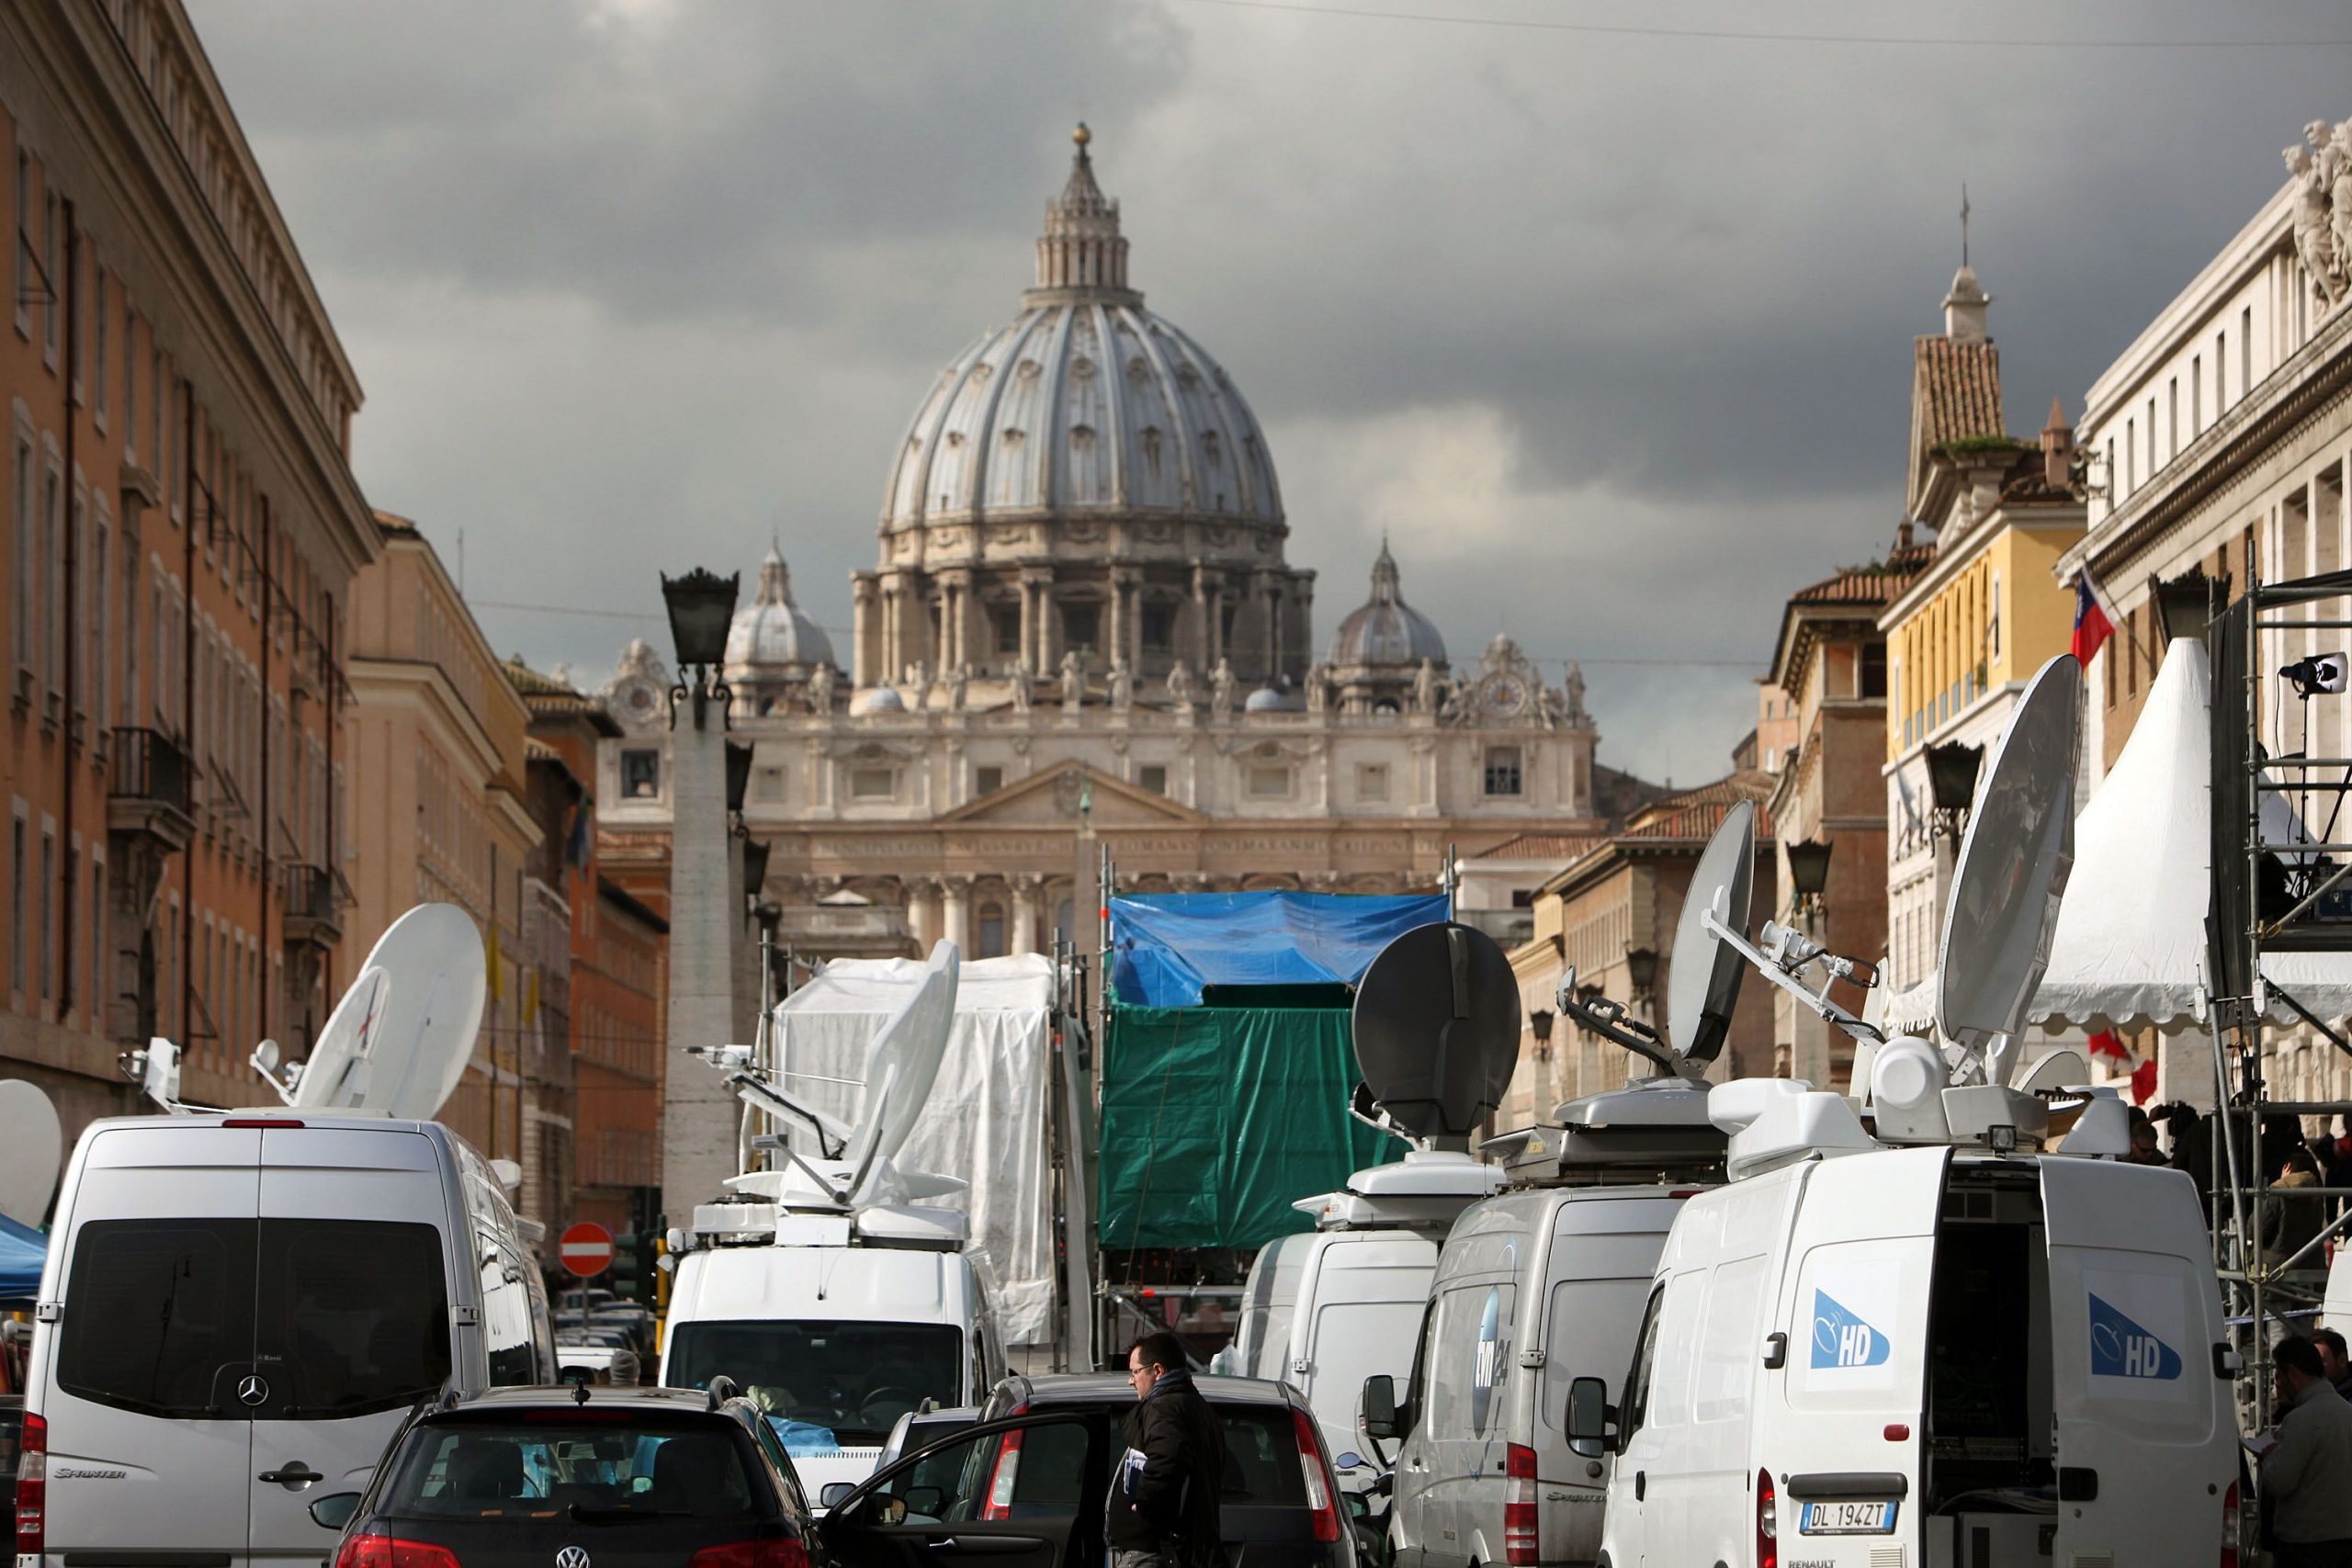 Jak Kościół zareagował na zamachy w Paryżu? | Stacja7.pl